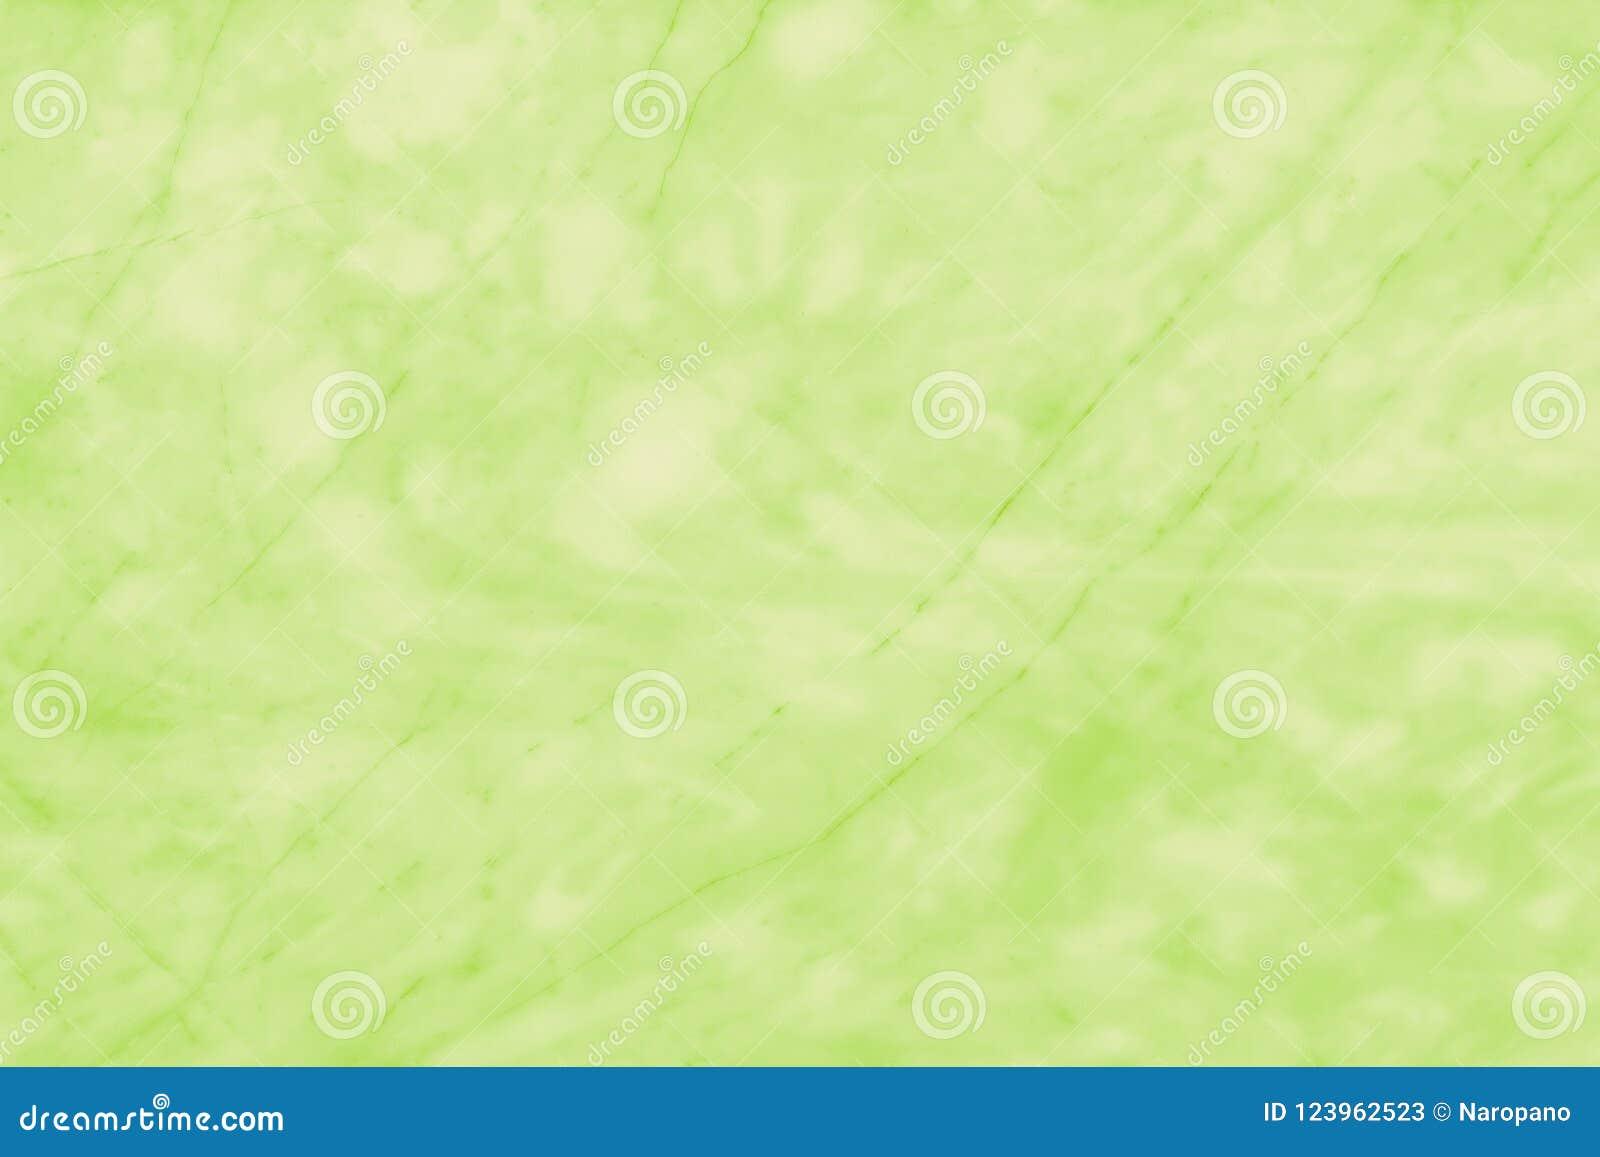 För marmorres för bakgrund grön hög textur yttersidamellanrum för design